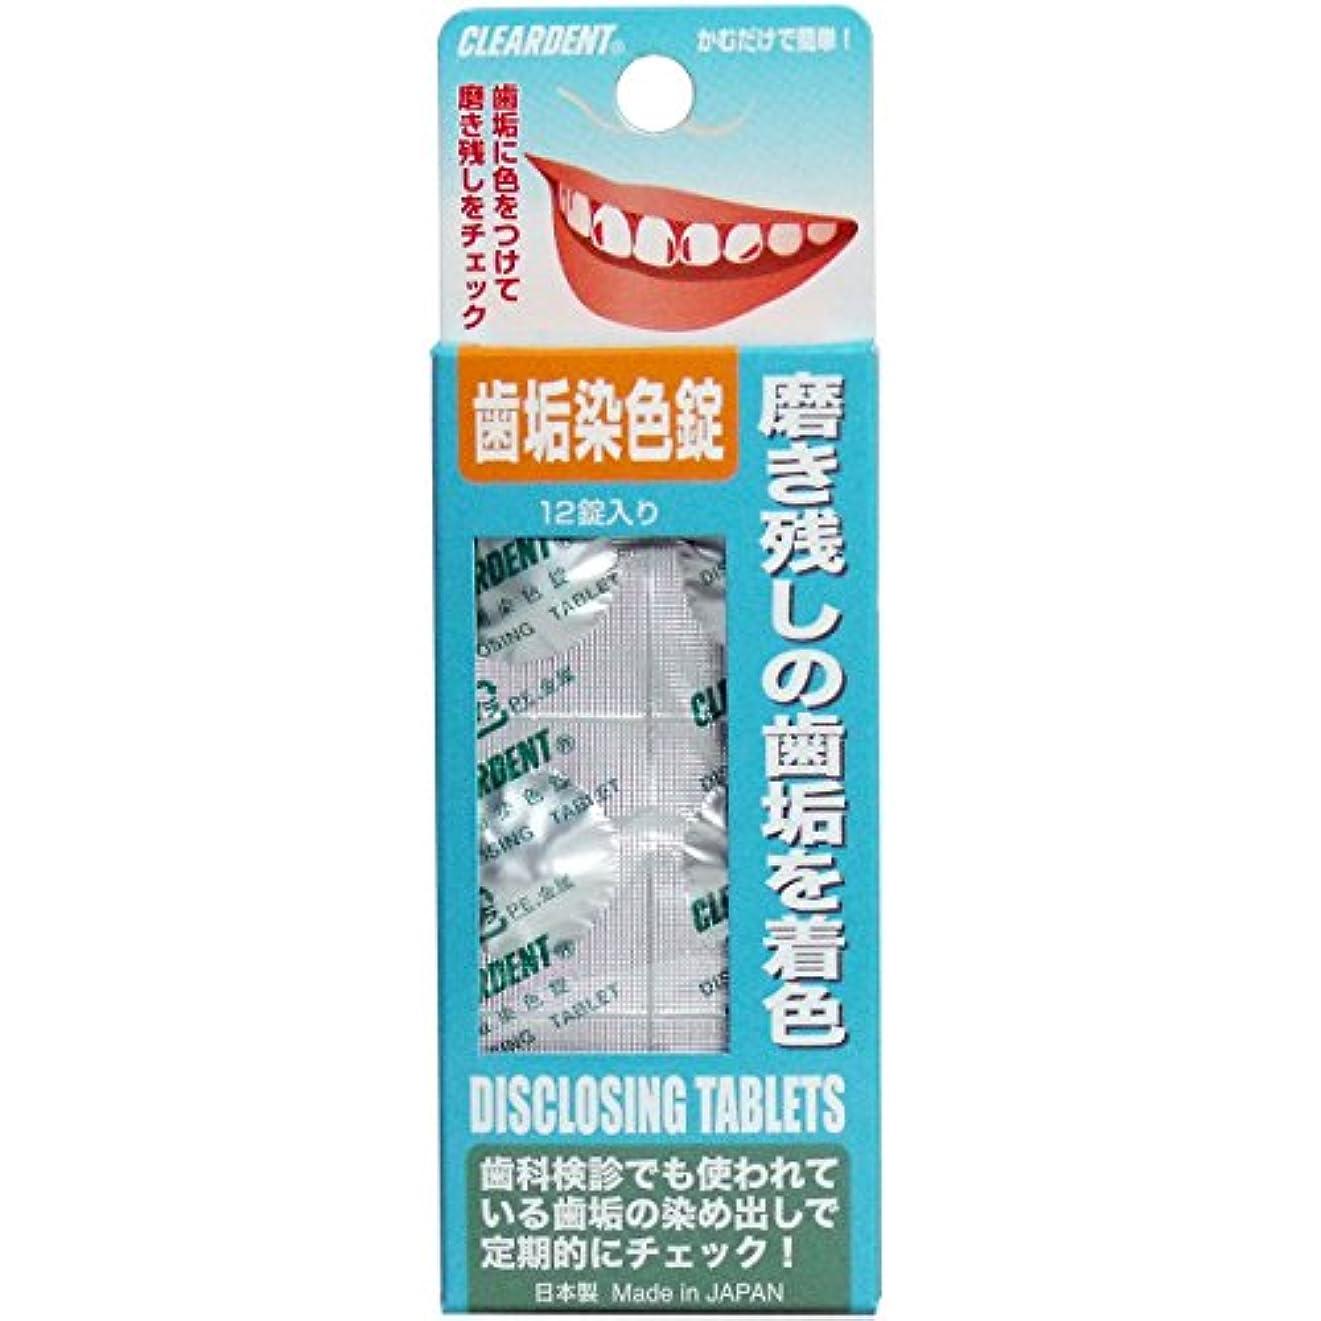 盲目連鎖曲がったクリアデント歯垢染色錠 12錠